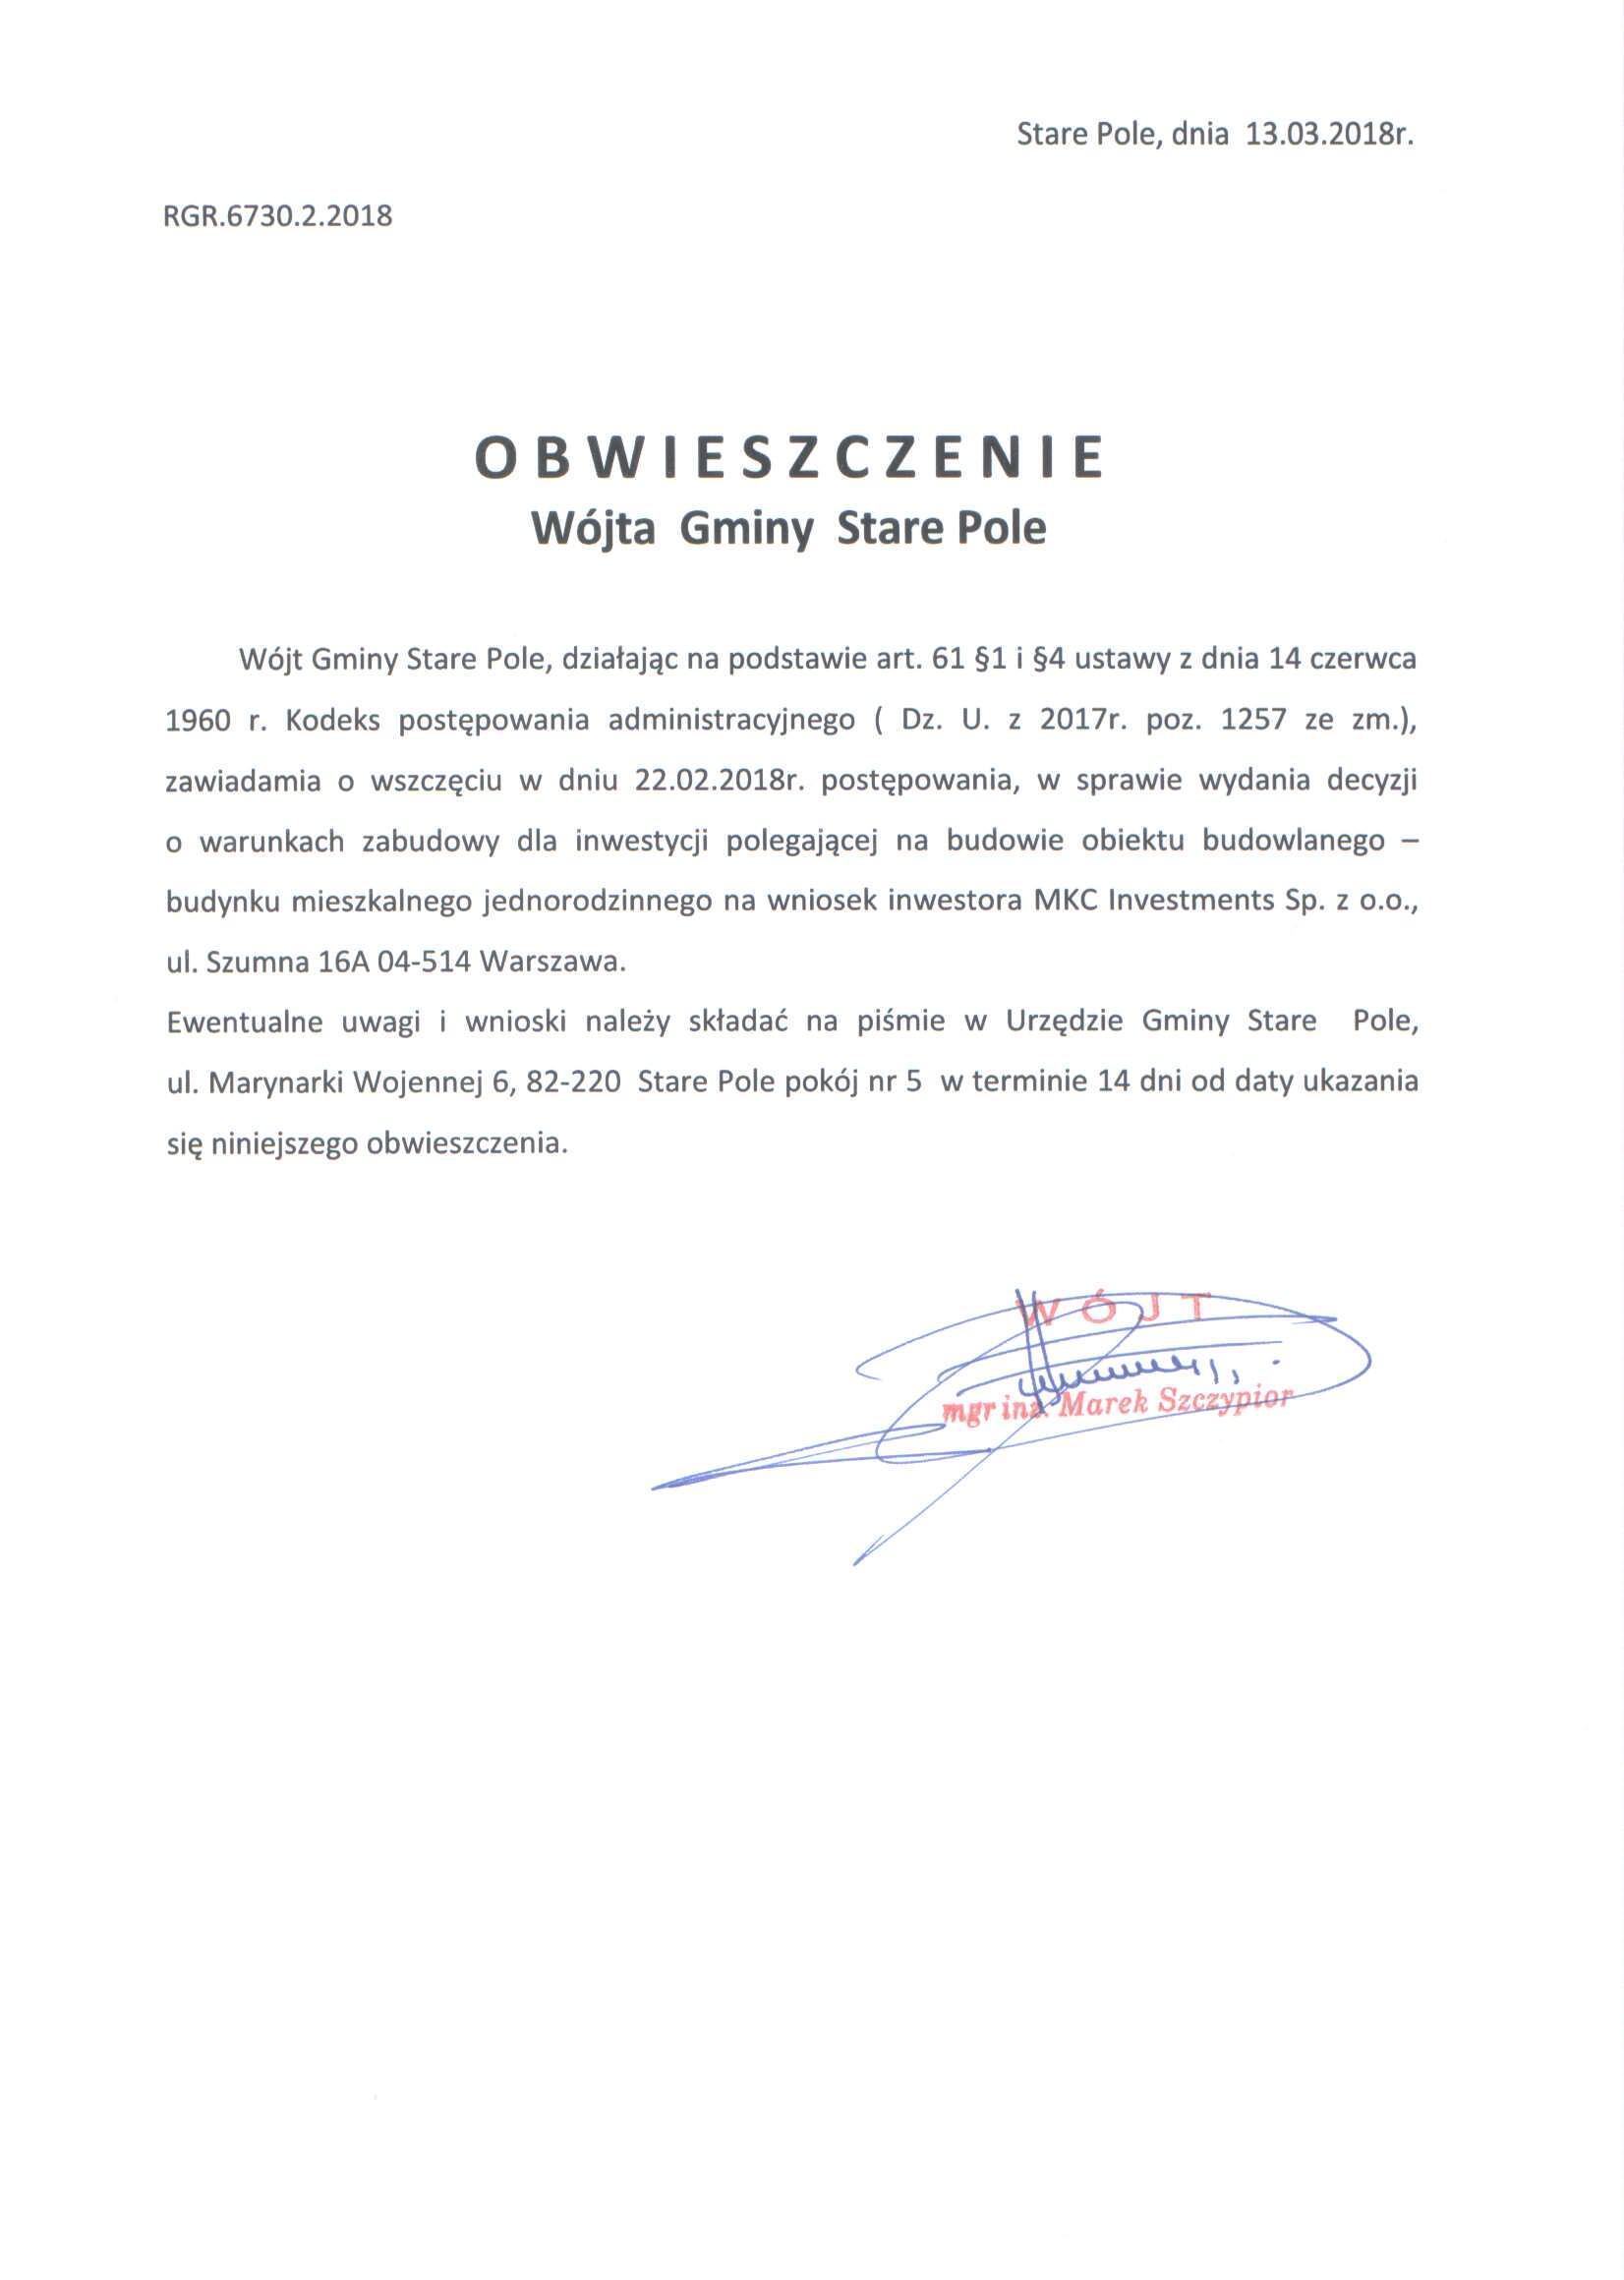 Obwieszczenie Wójta Gminy Stare Pole z dnia 13 marca 2018 r.